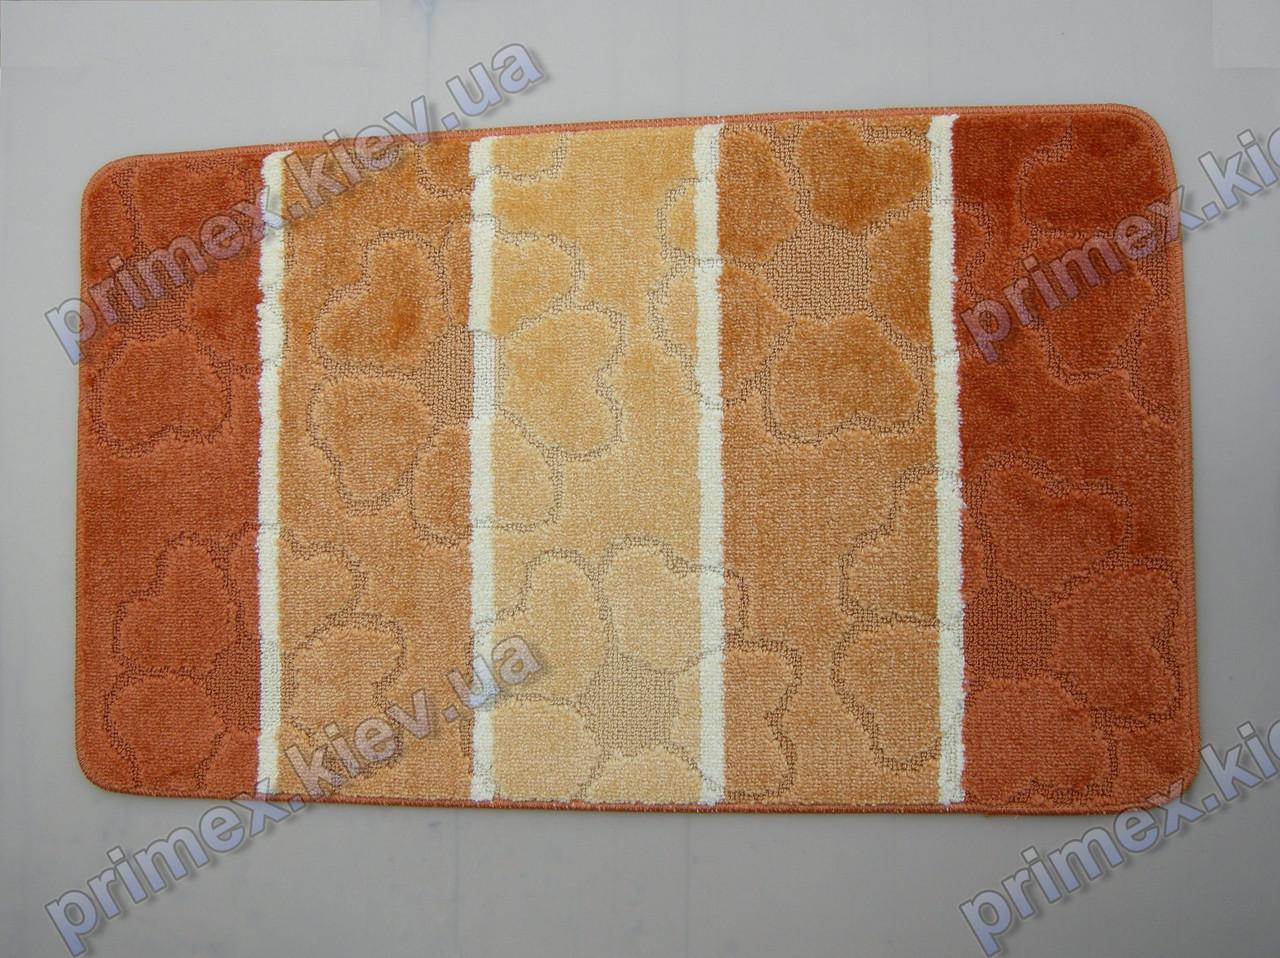 Коврик для ванной, 60х100см. цветы из сердечек, оранжевый